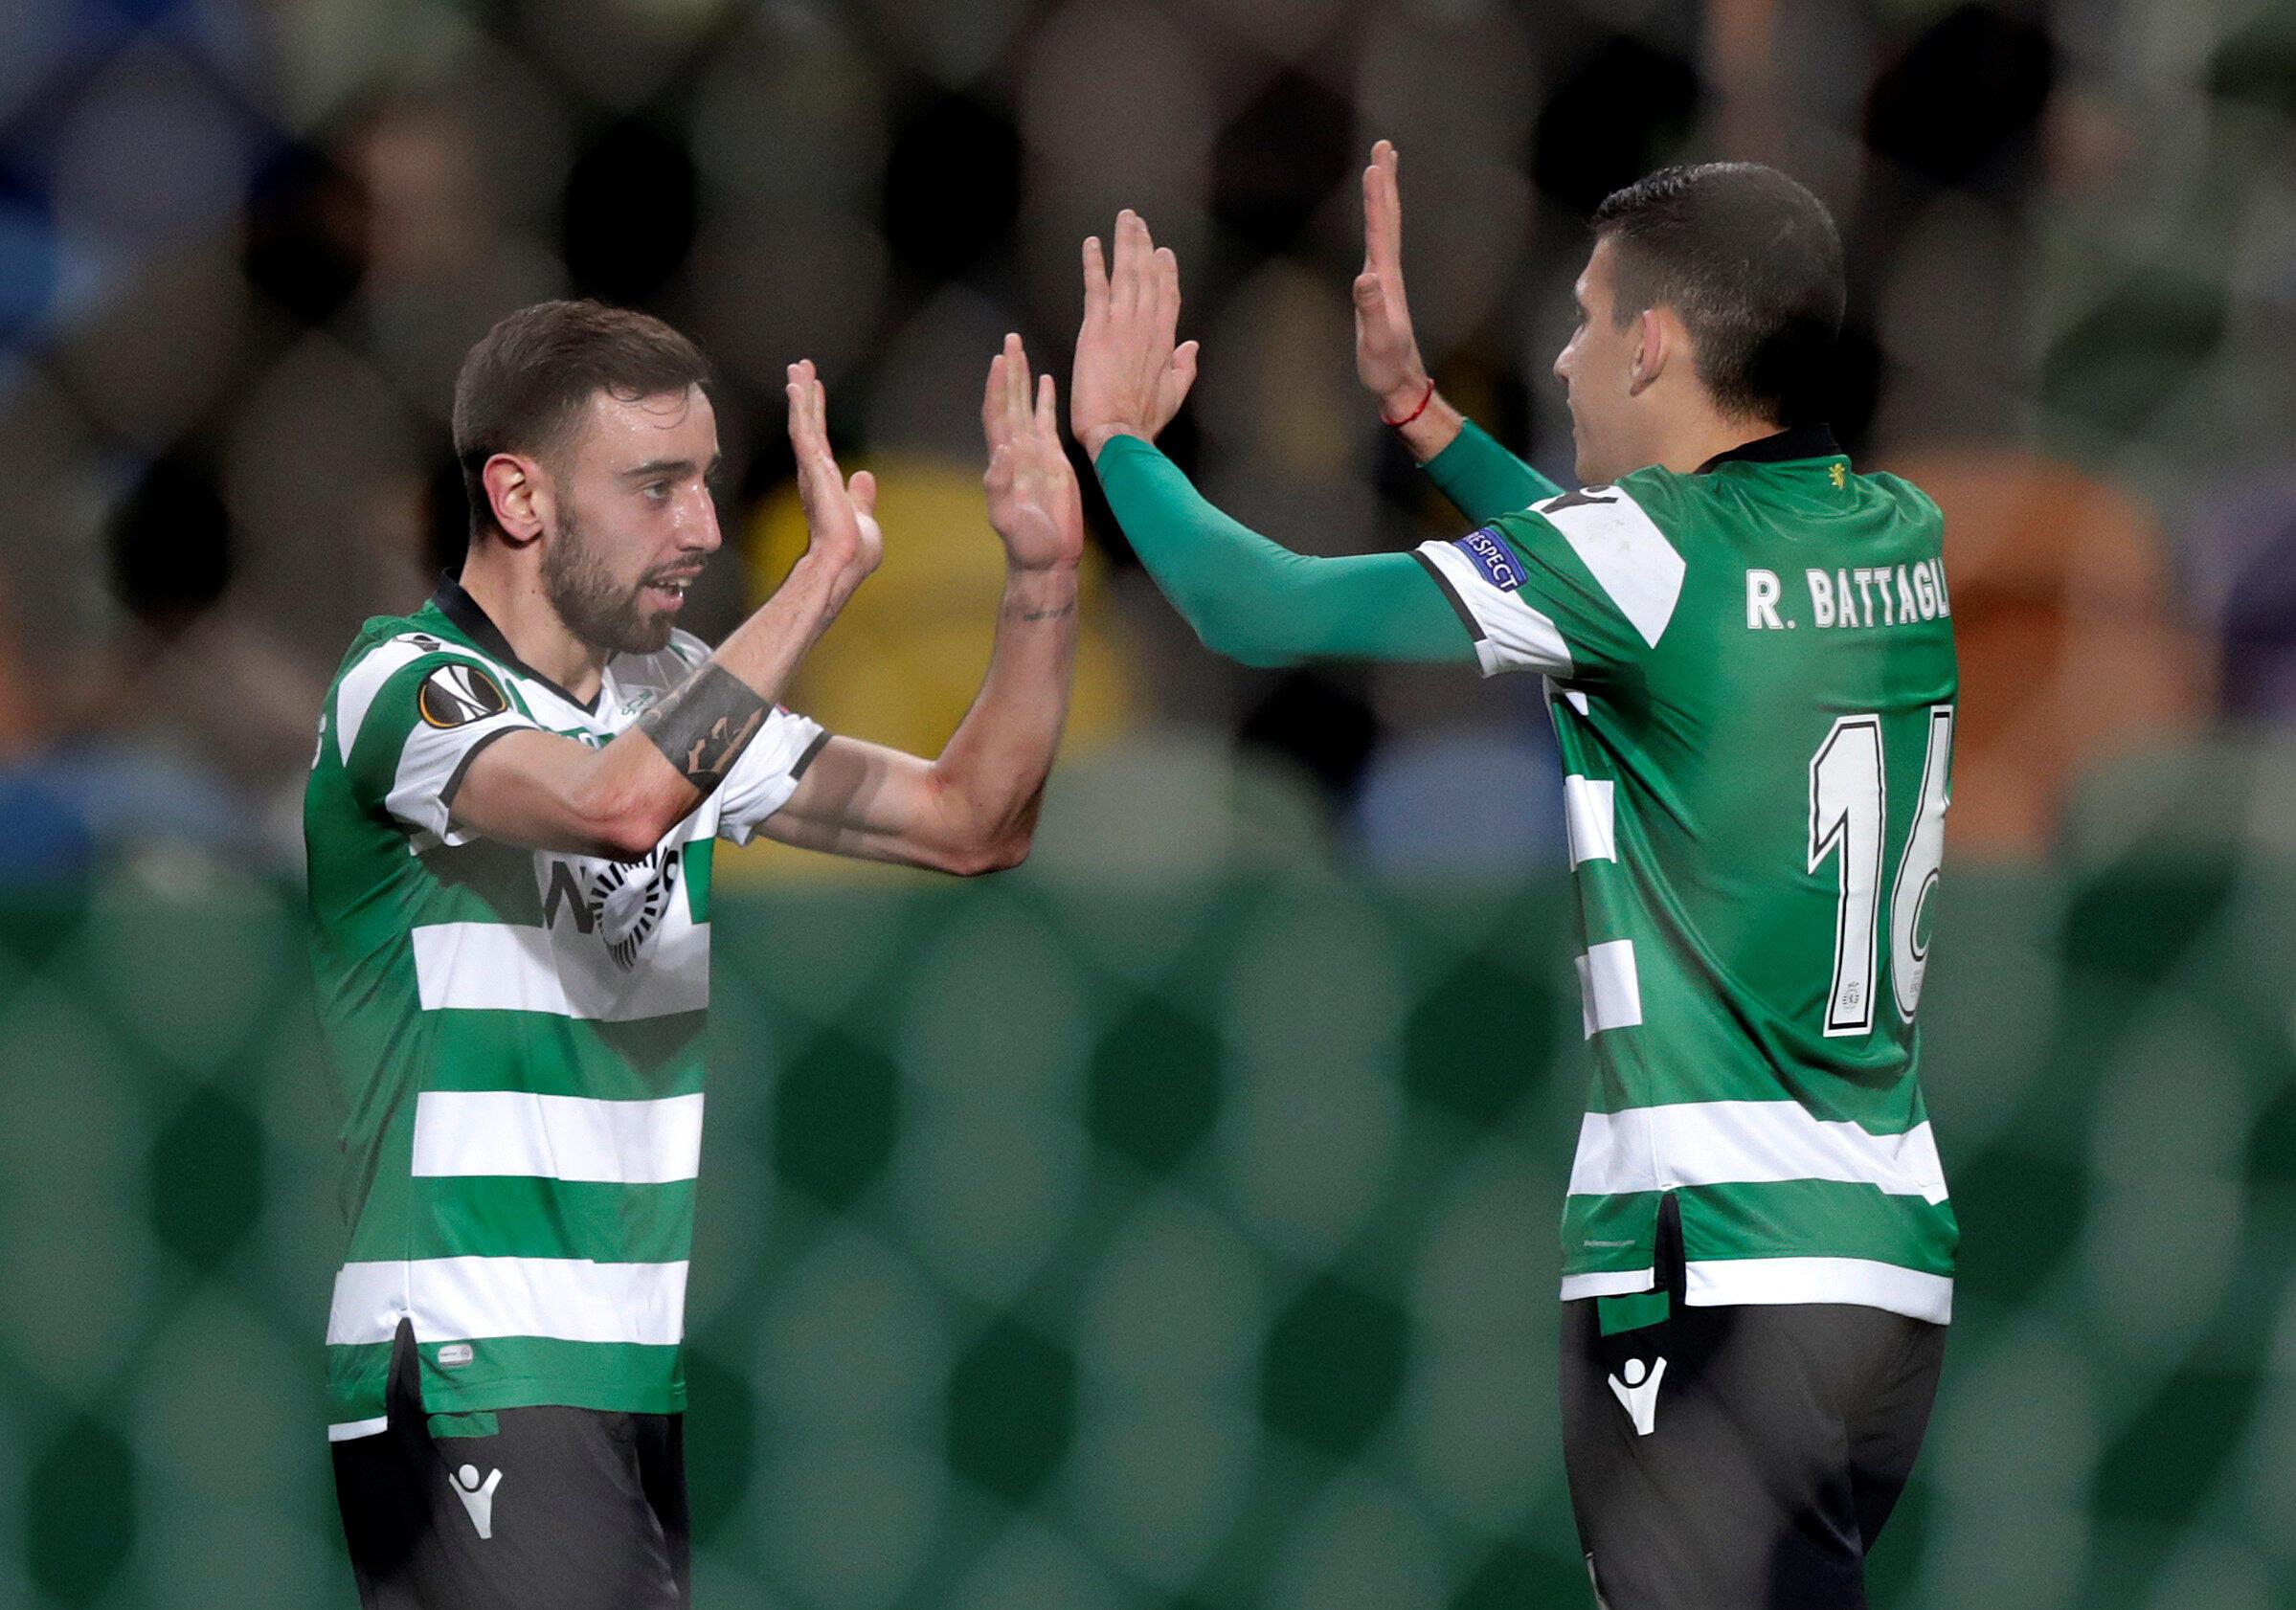 O médio português Bruno Fernandes (esquerda) e o médio argentino Rodrigo Battaglia (direita) do Sporting CP festejam o apuramento, este último sendo o autor do único golo na derrota por 2-1 frente ao Viktoria Plzen.